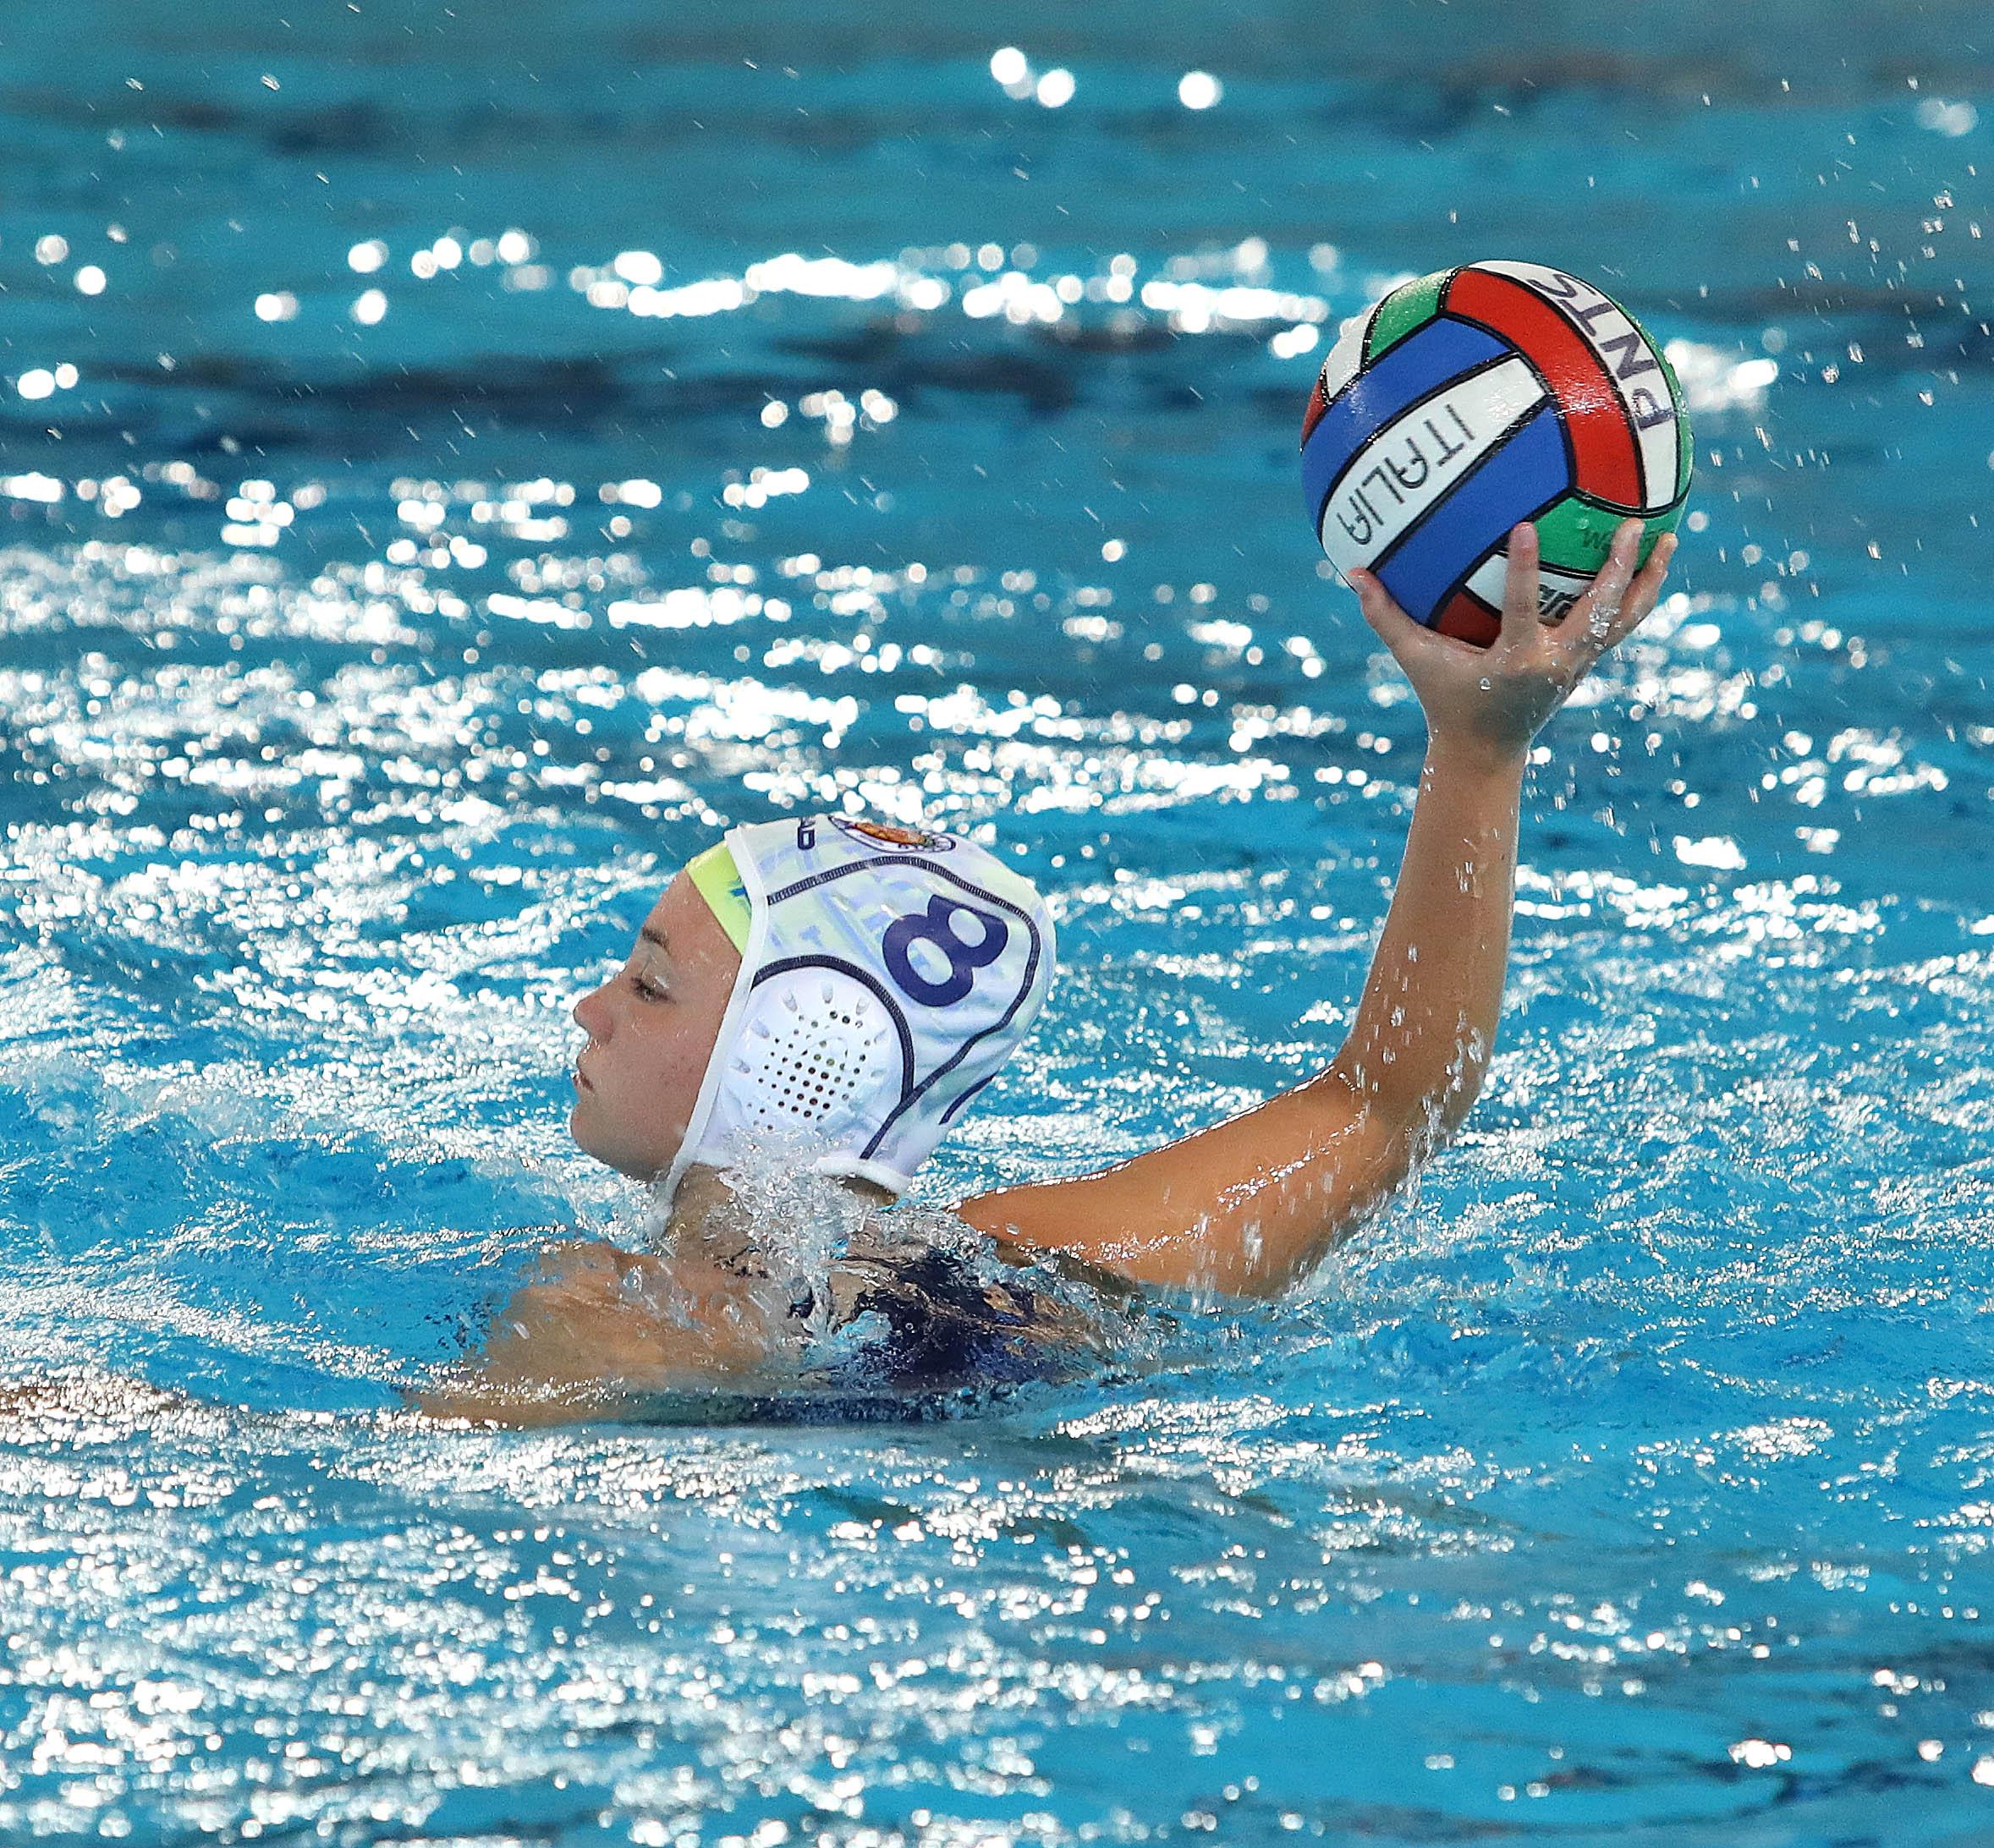 Under 15 femminile: finali scudetto, nella gara di esordio le orchette superano in rimonta la Venere Azzurra (7-3)